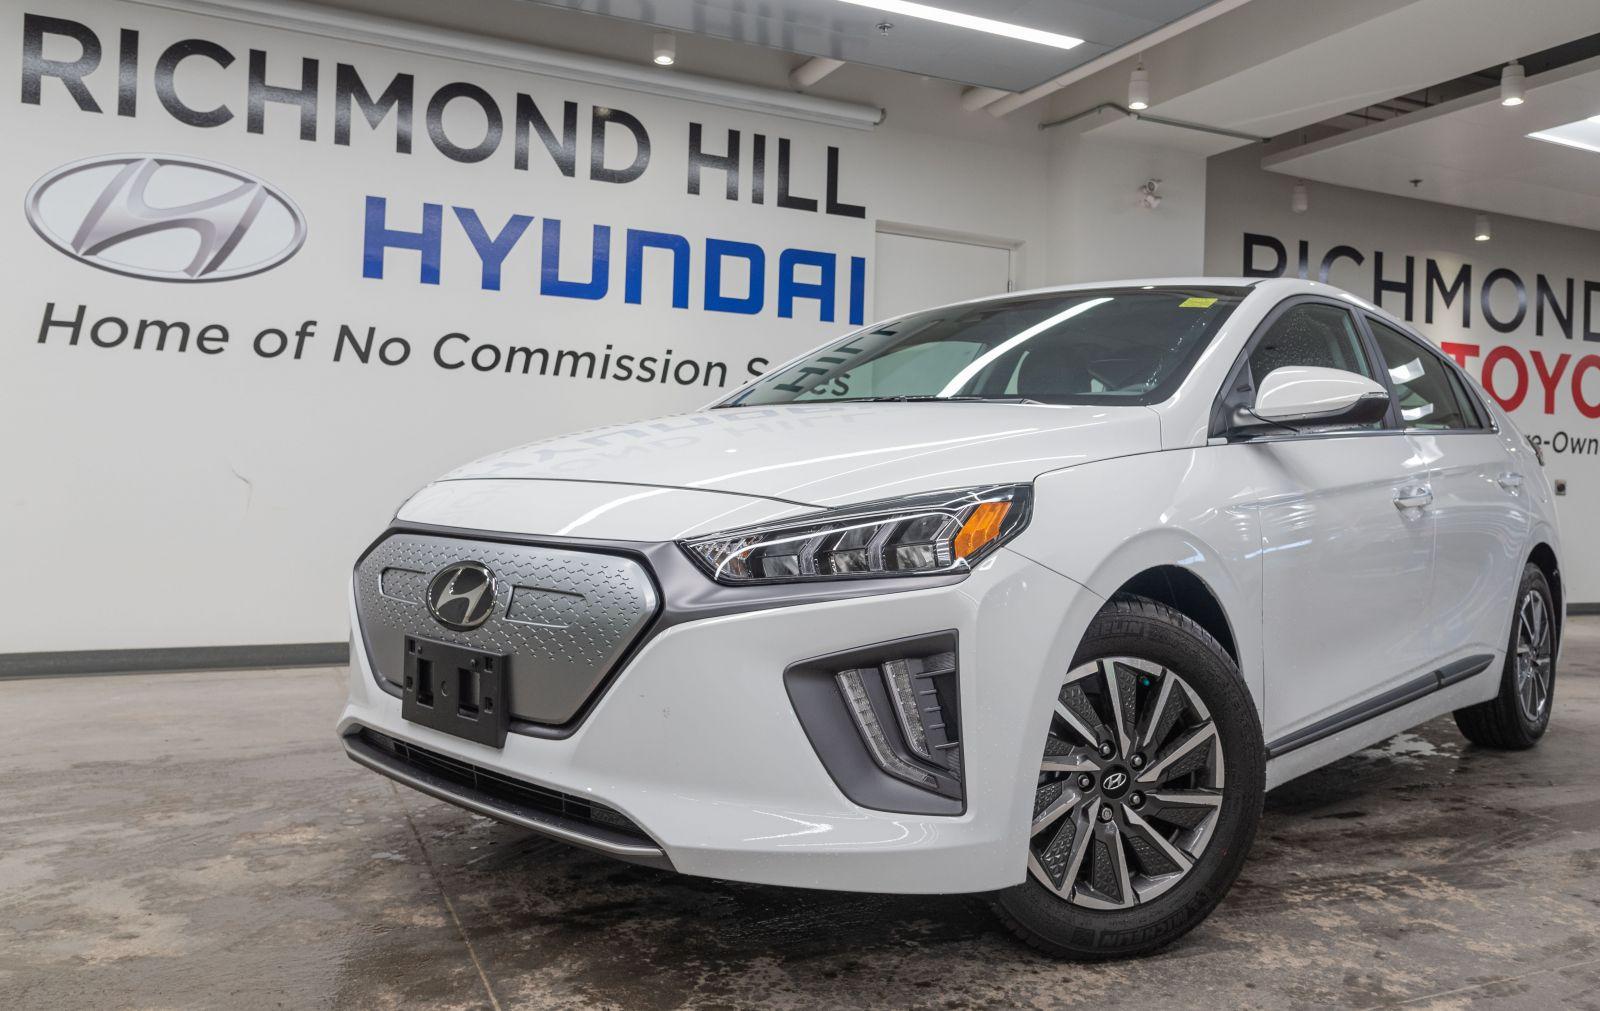 2021 Hyundai Ioniq Electric Image